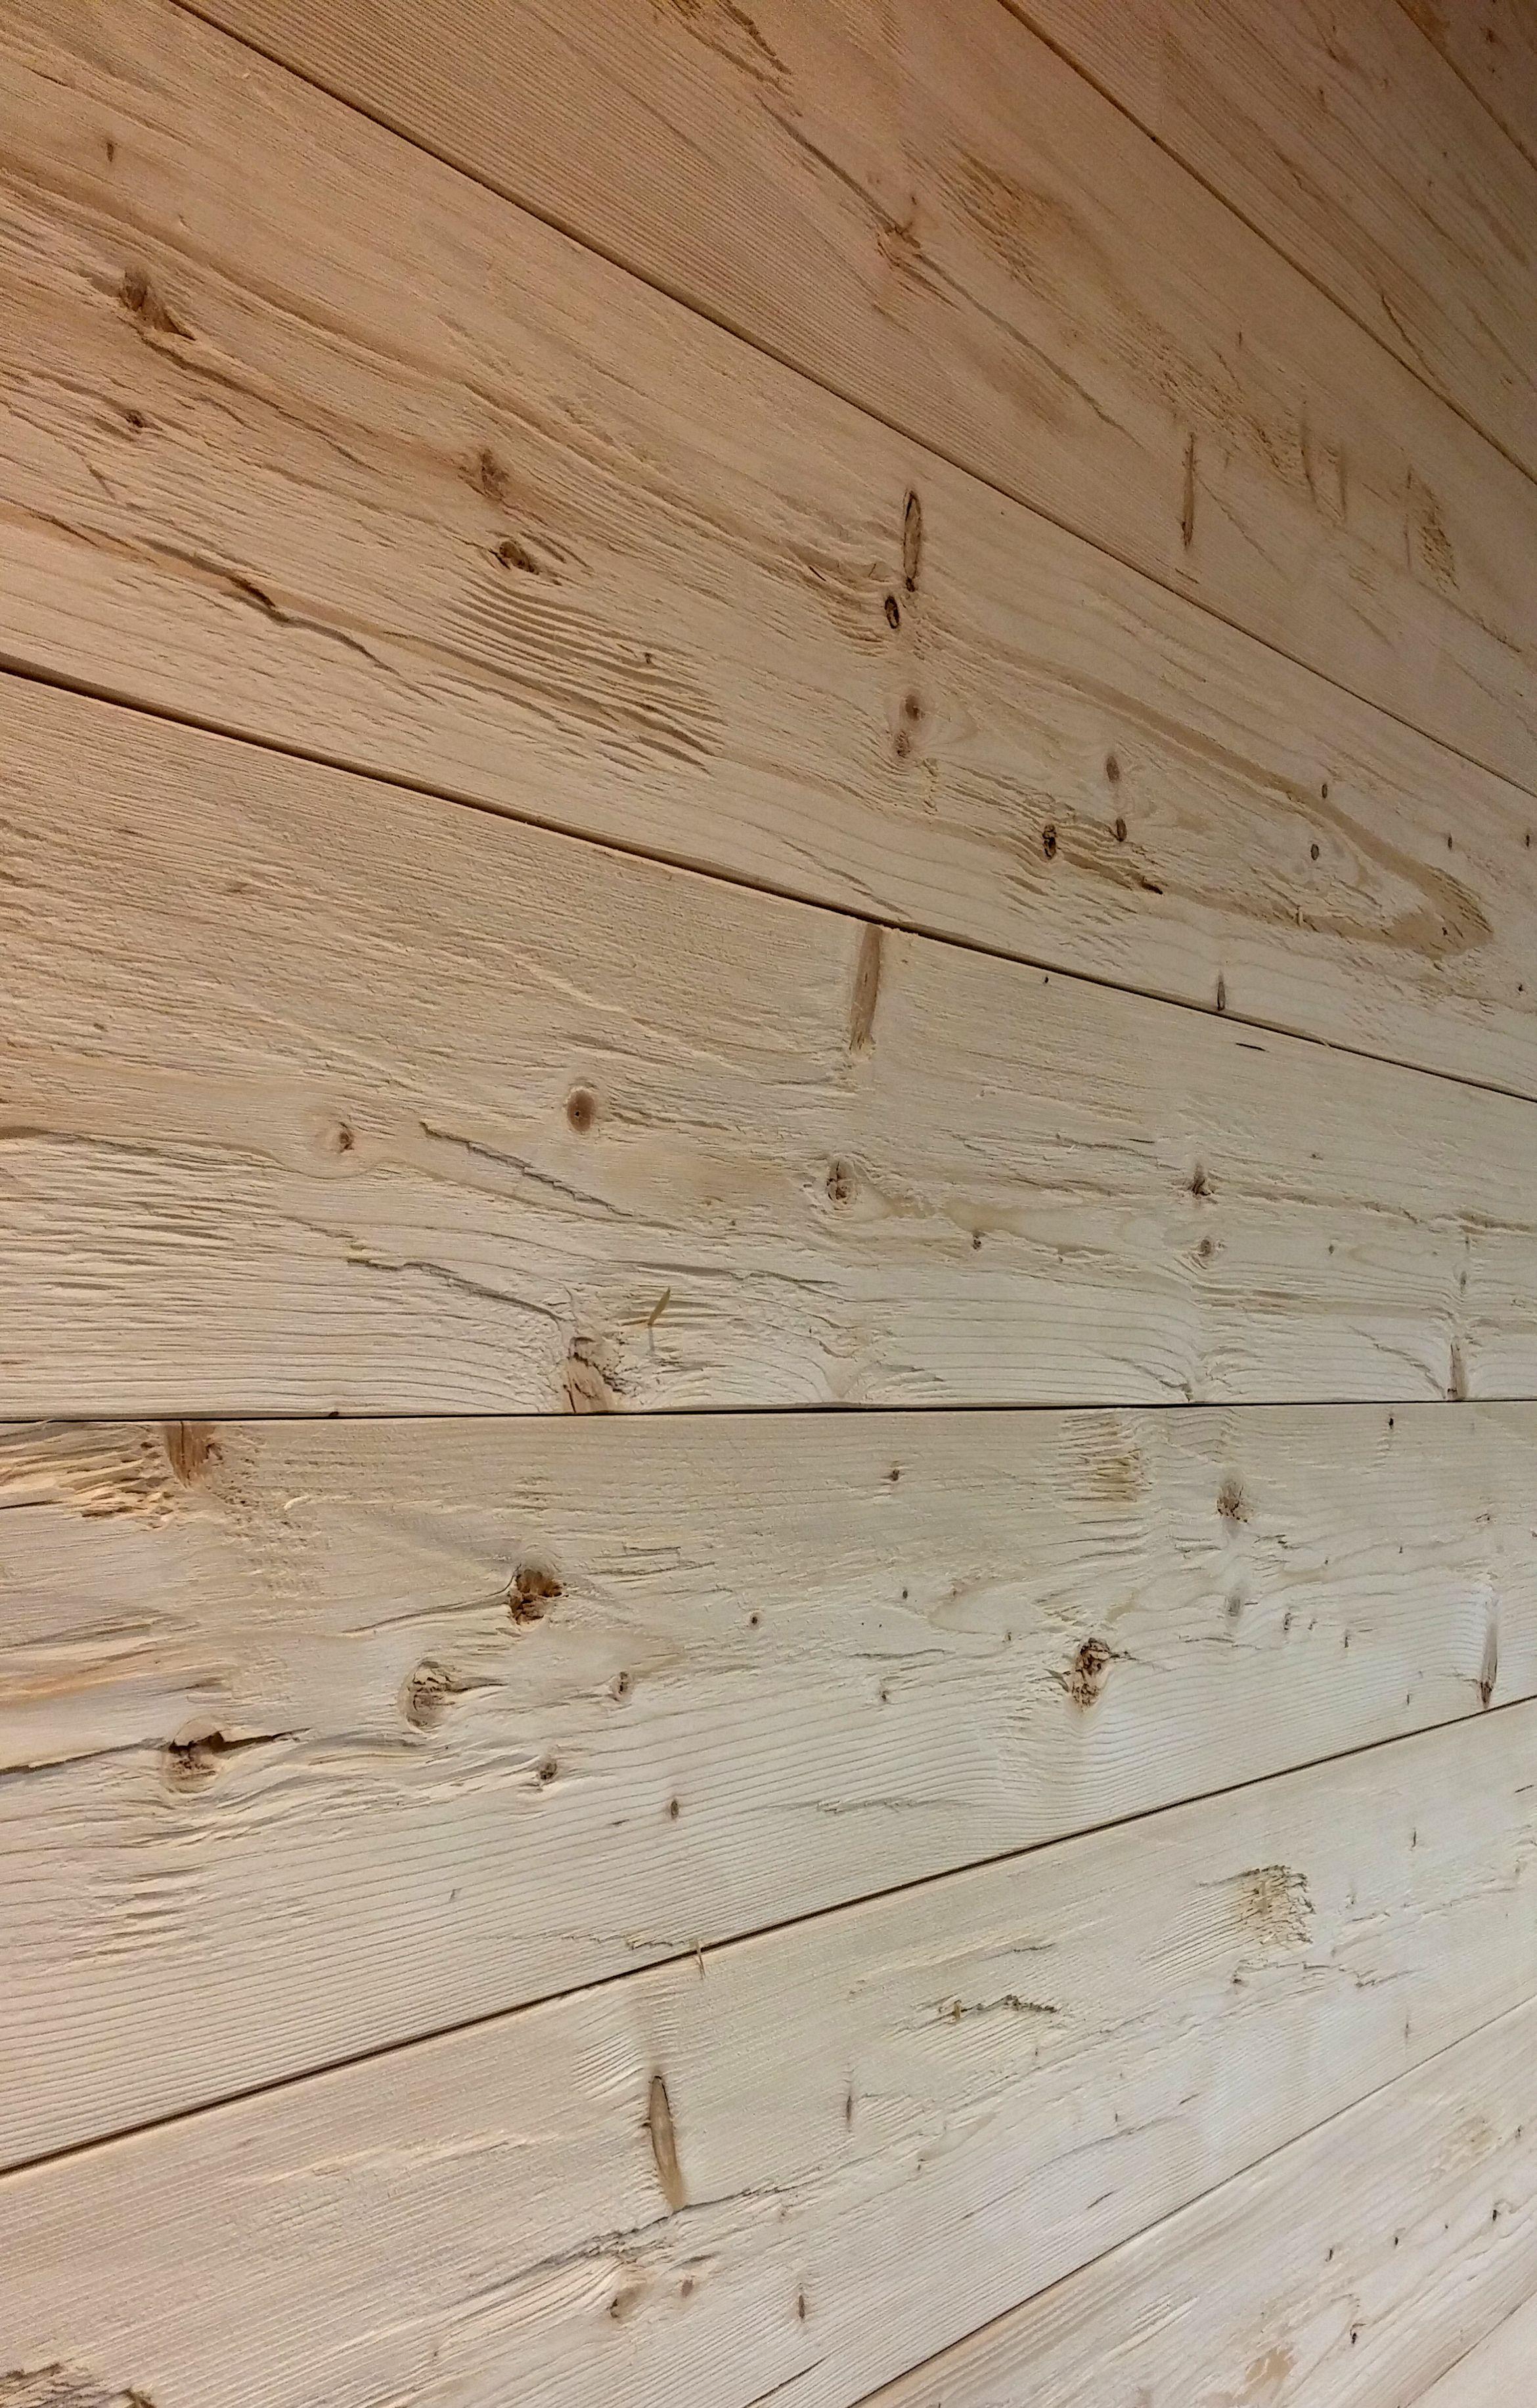 Die Unverwechselbare Oberflachenstruktur Und Haptik Macht Die Naturliche Wandverkleidung Zu Einem Holzwandverkleidung Wand Mit Holz Verkleiden Holzvertafelung